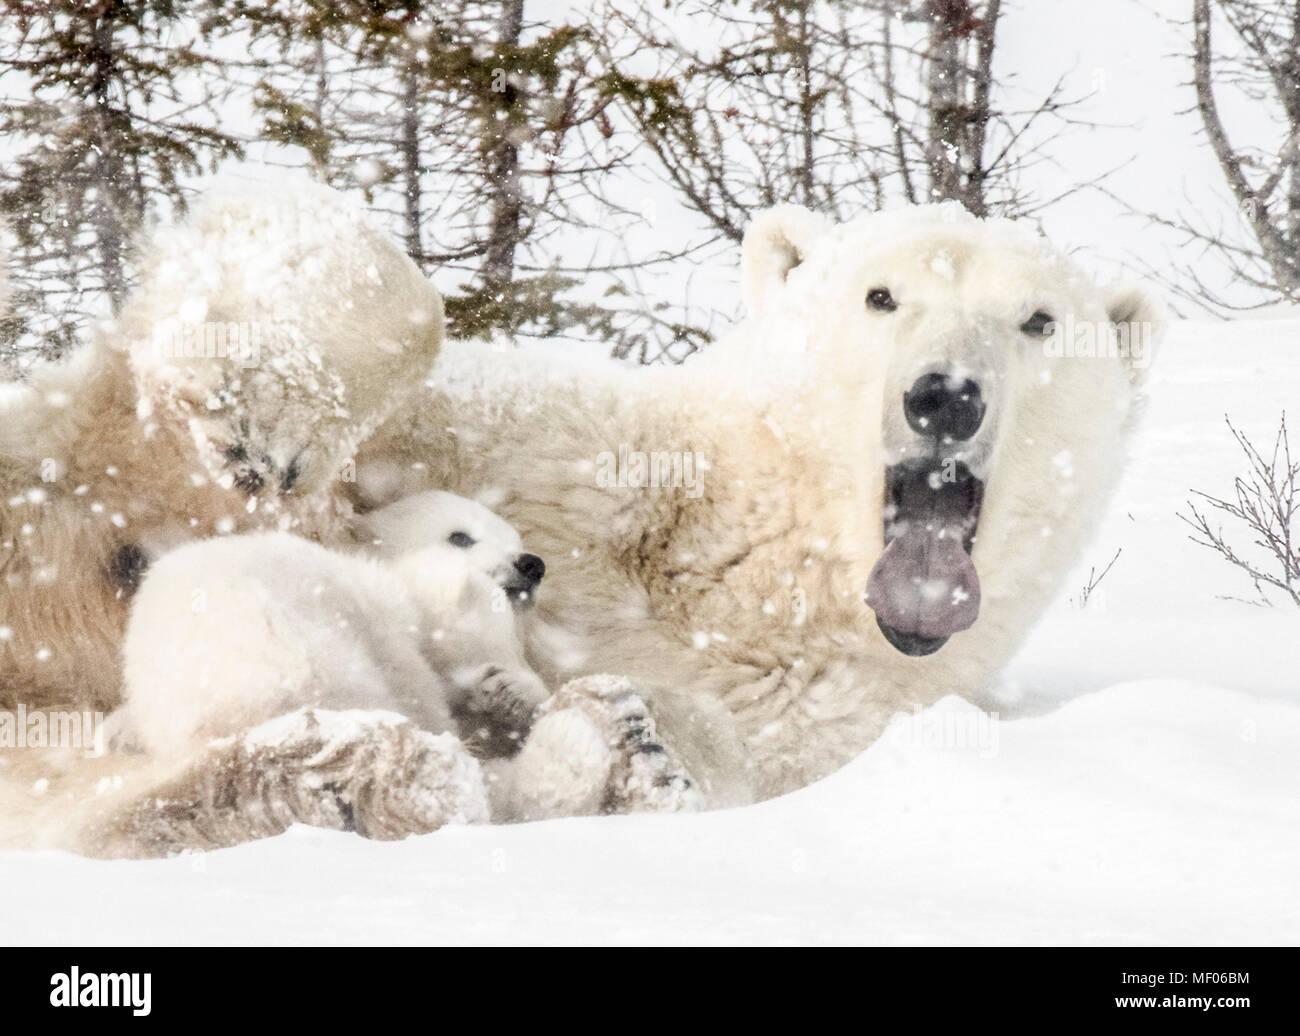 Sleepy polar bear mom cuddles and nurses her cubs. - Stock Image